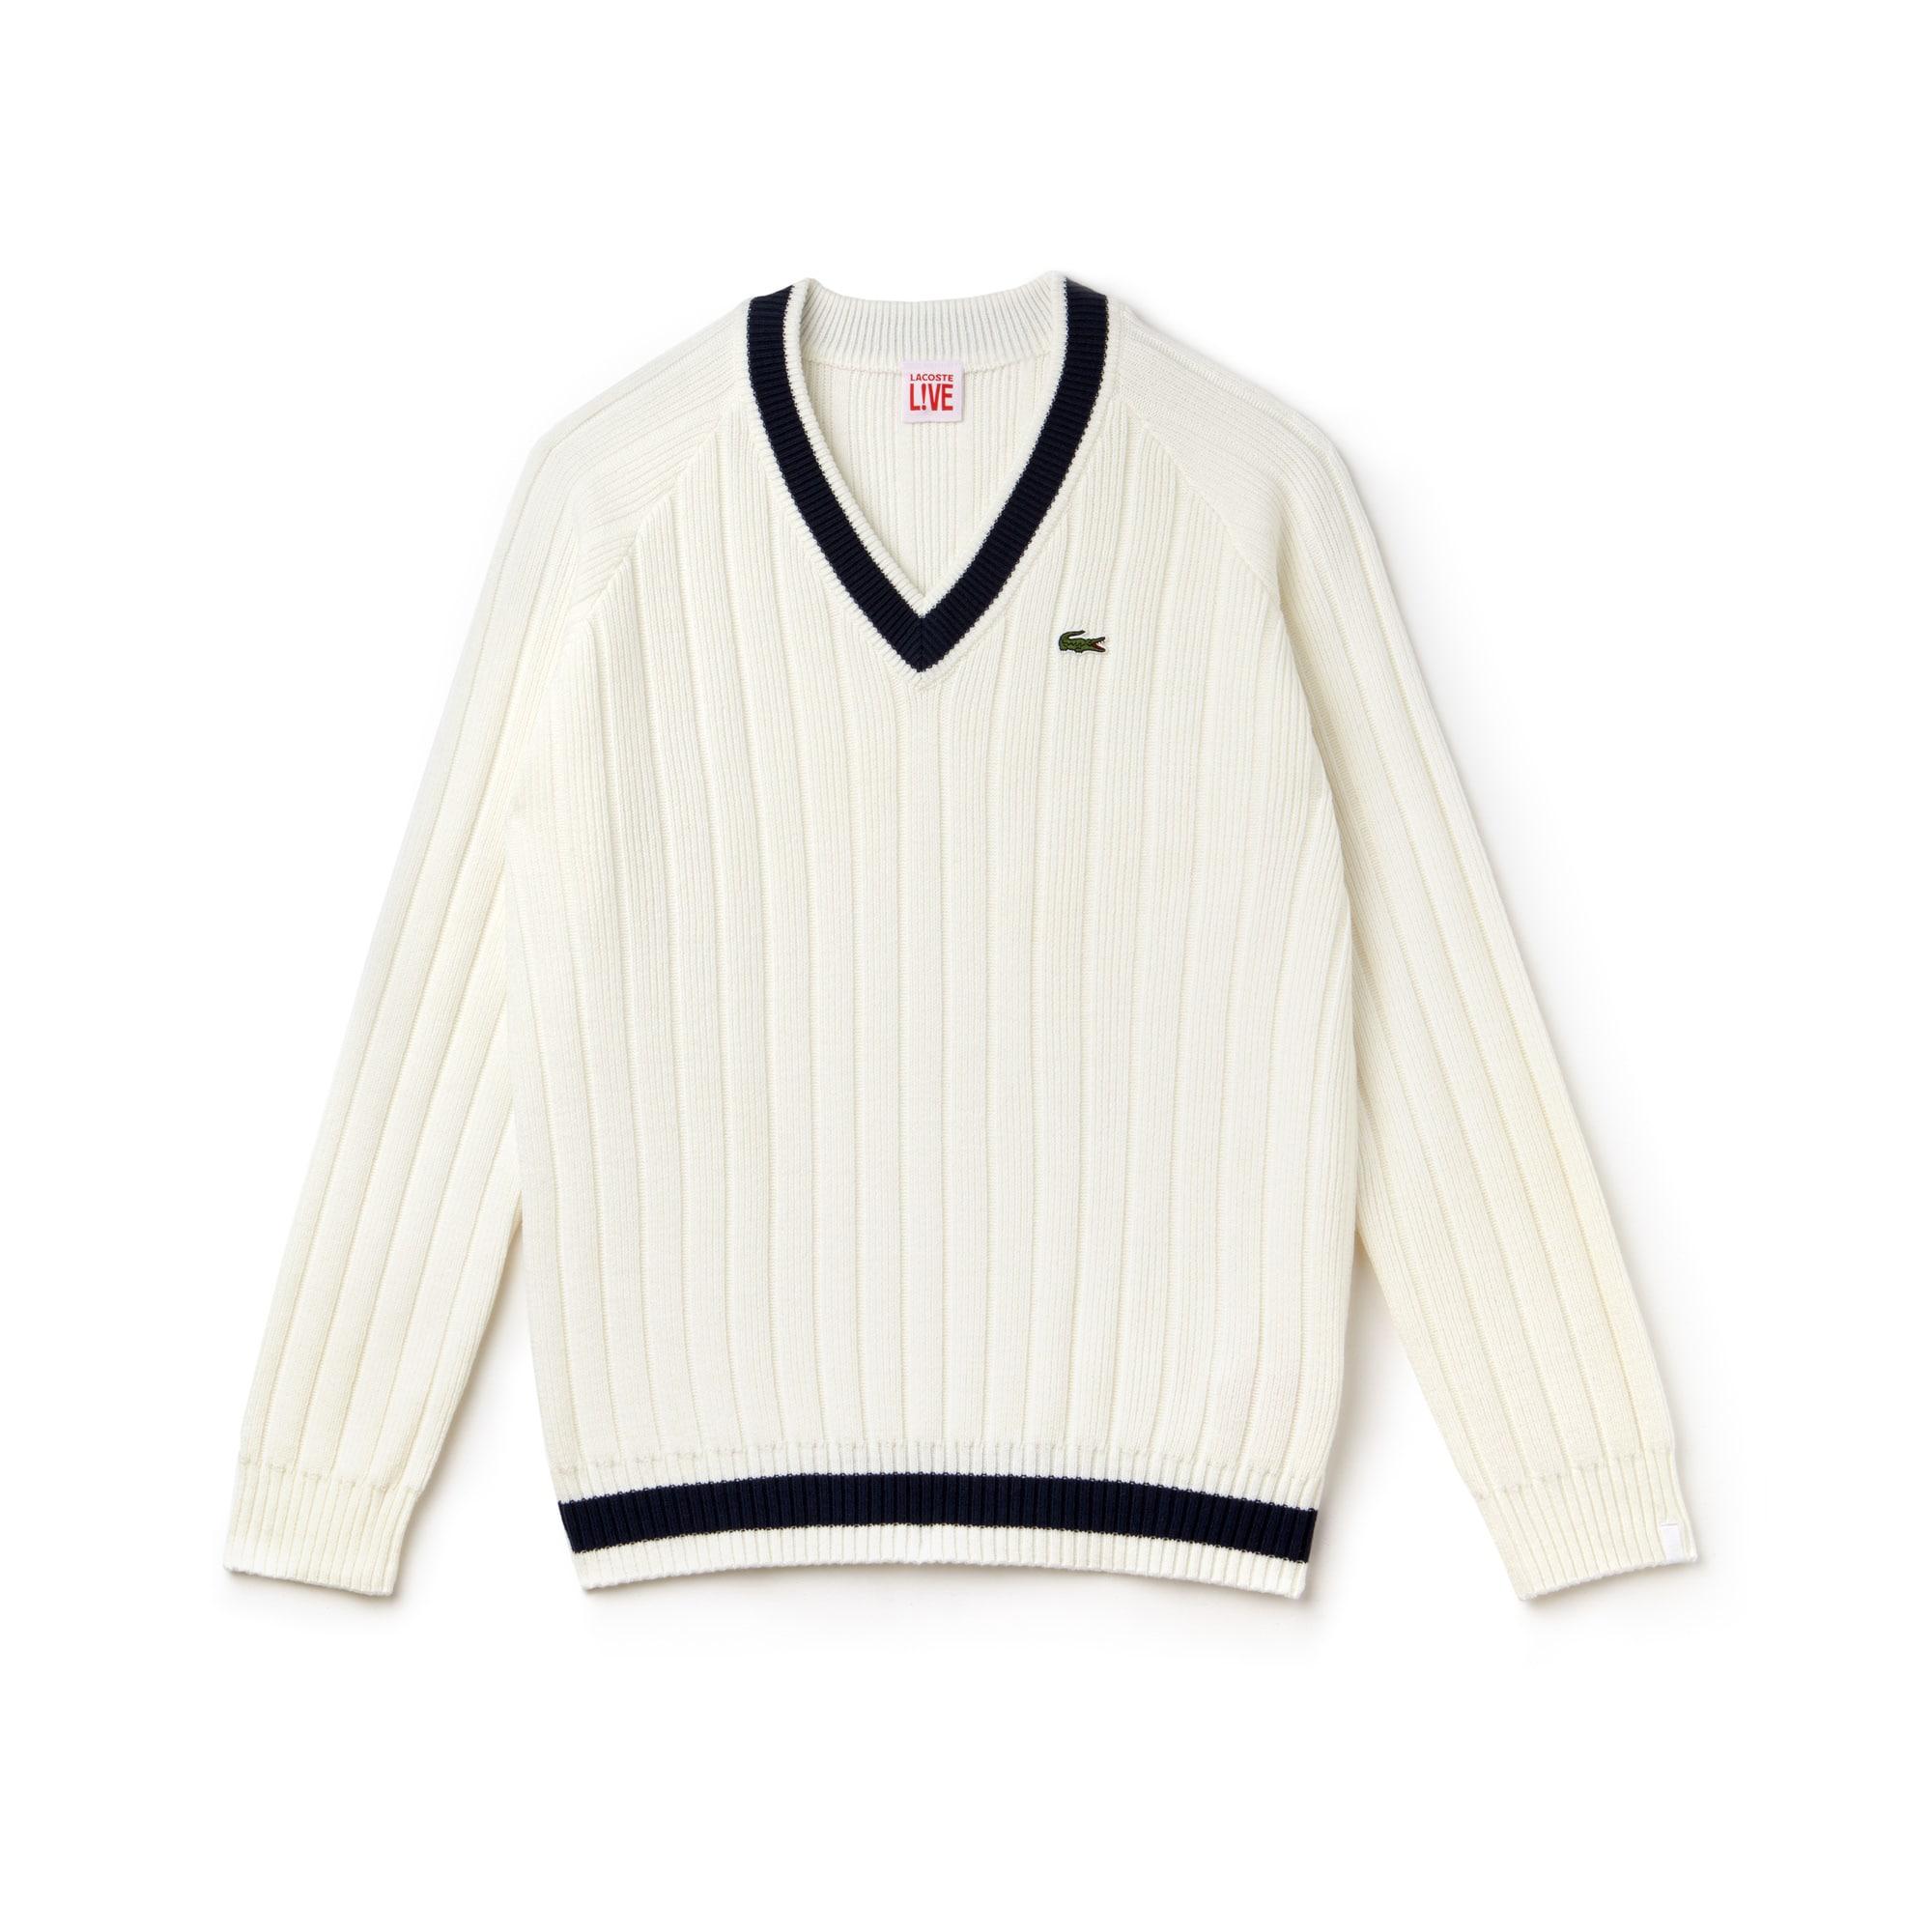 Jersey cuello a pico Lacoste LIVE de algodón acanalado con franjas contrastadas